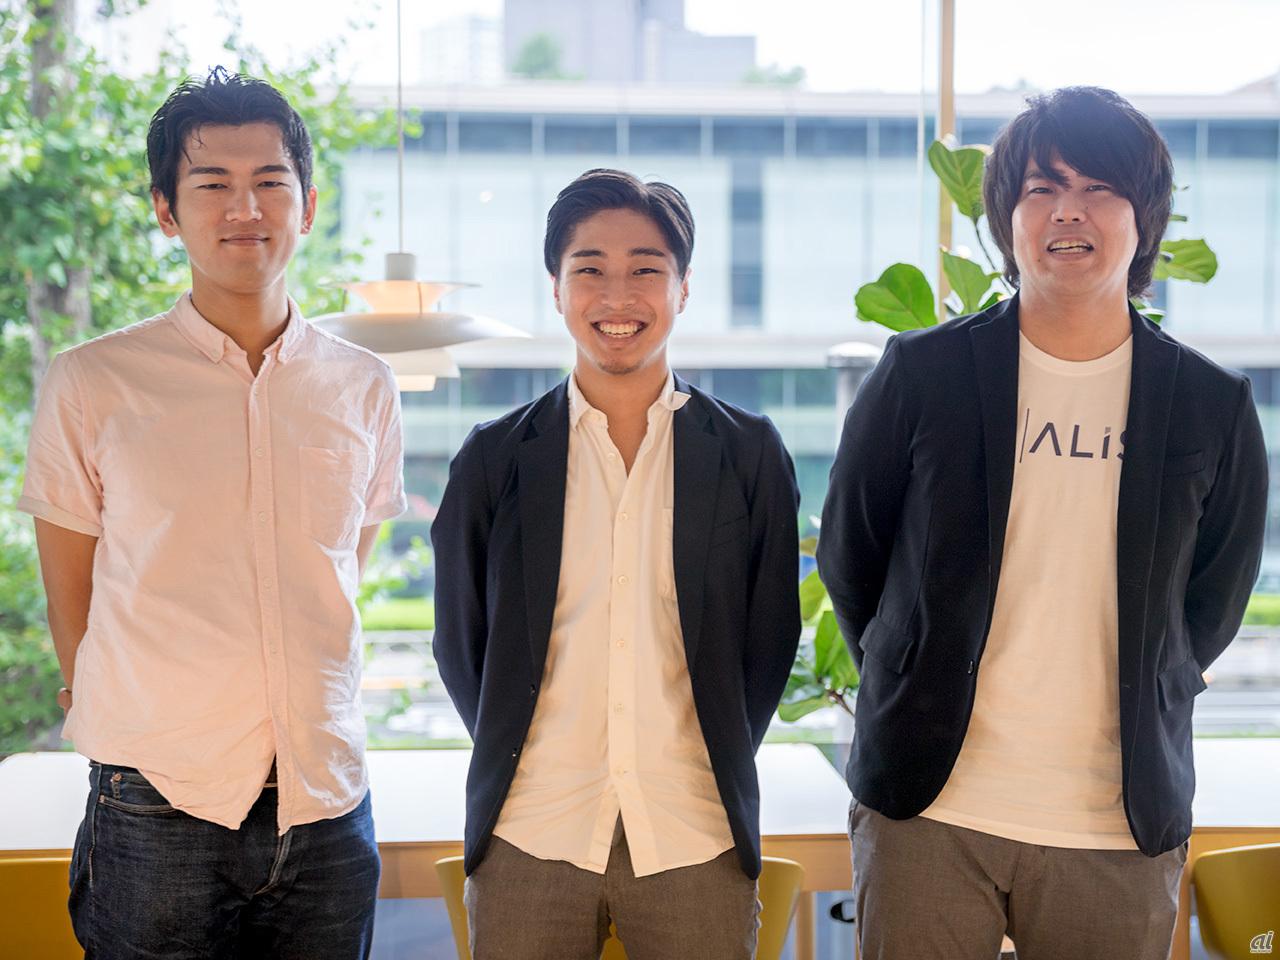 Alis トークン 新しい資金調達「ico」は日本に根付くか--pv偏重のメディアを